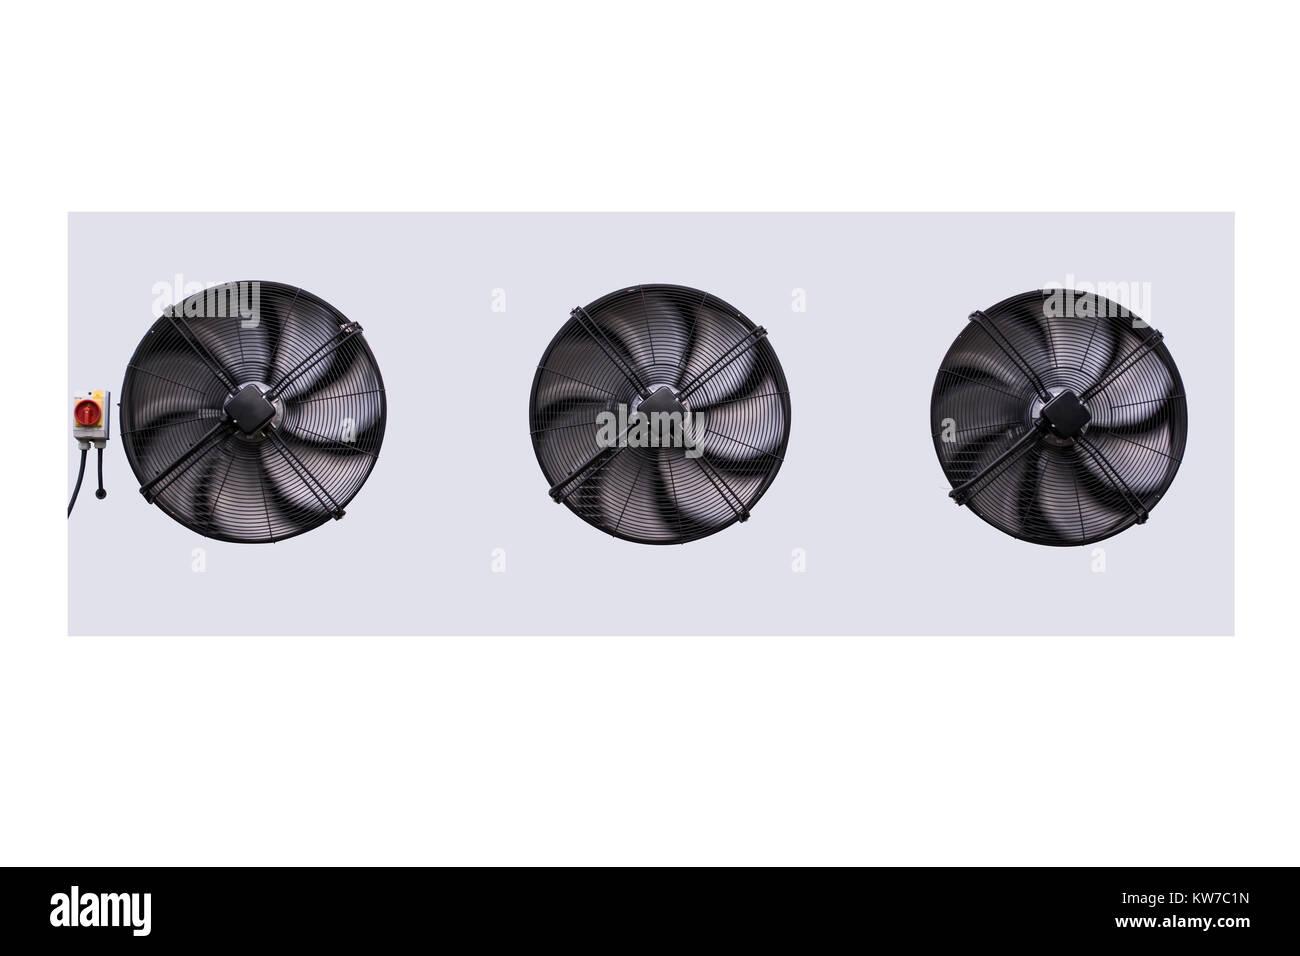 Drei Lüftung Klimaanlage Kompressor Ventilator isolieren auf weißem Hintergrund Stockbild